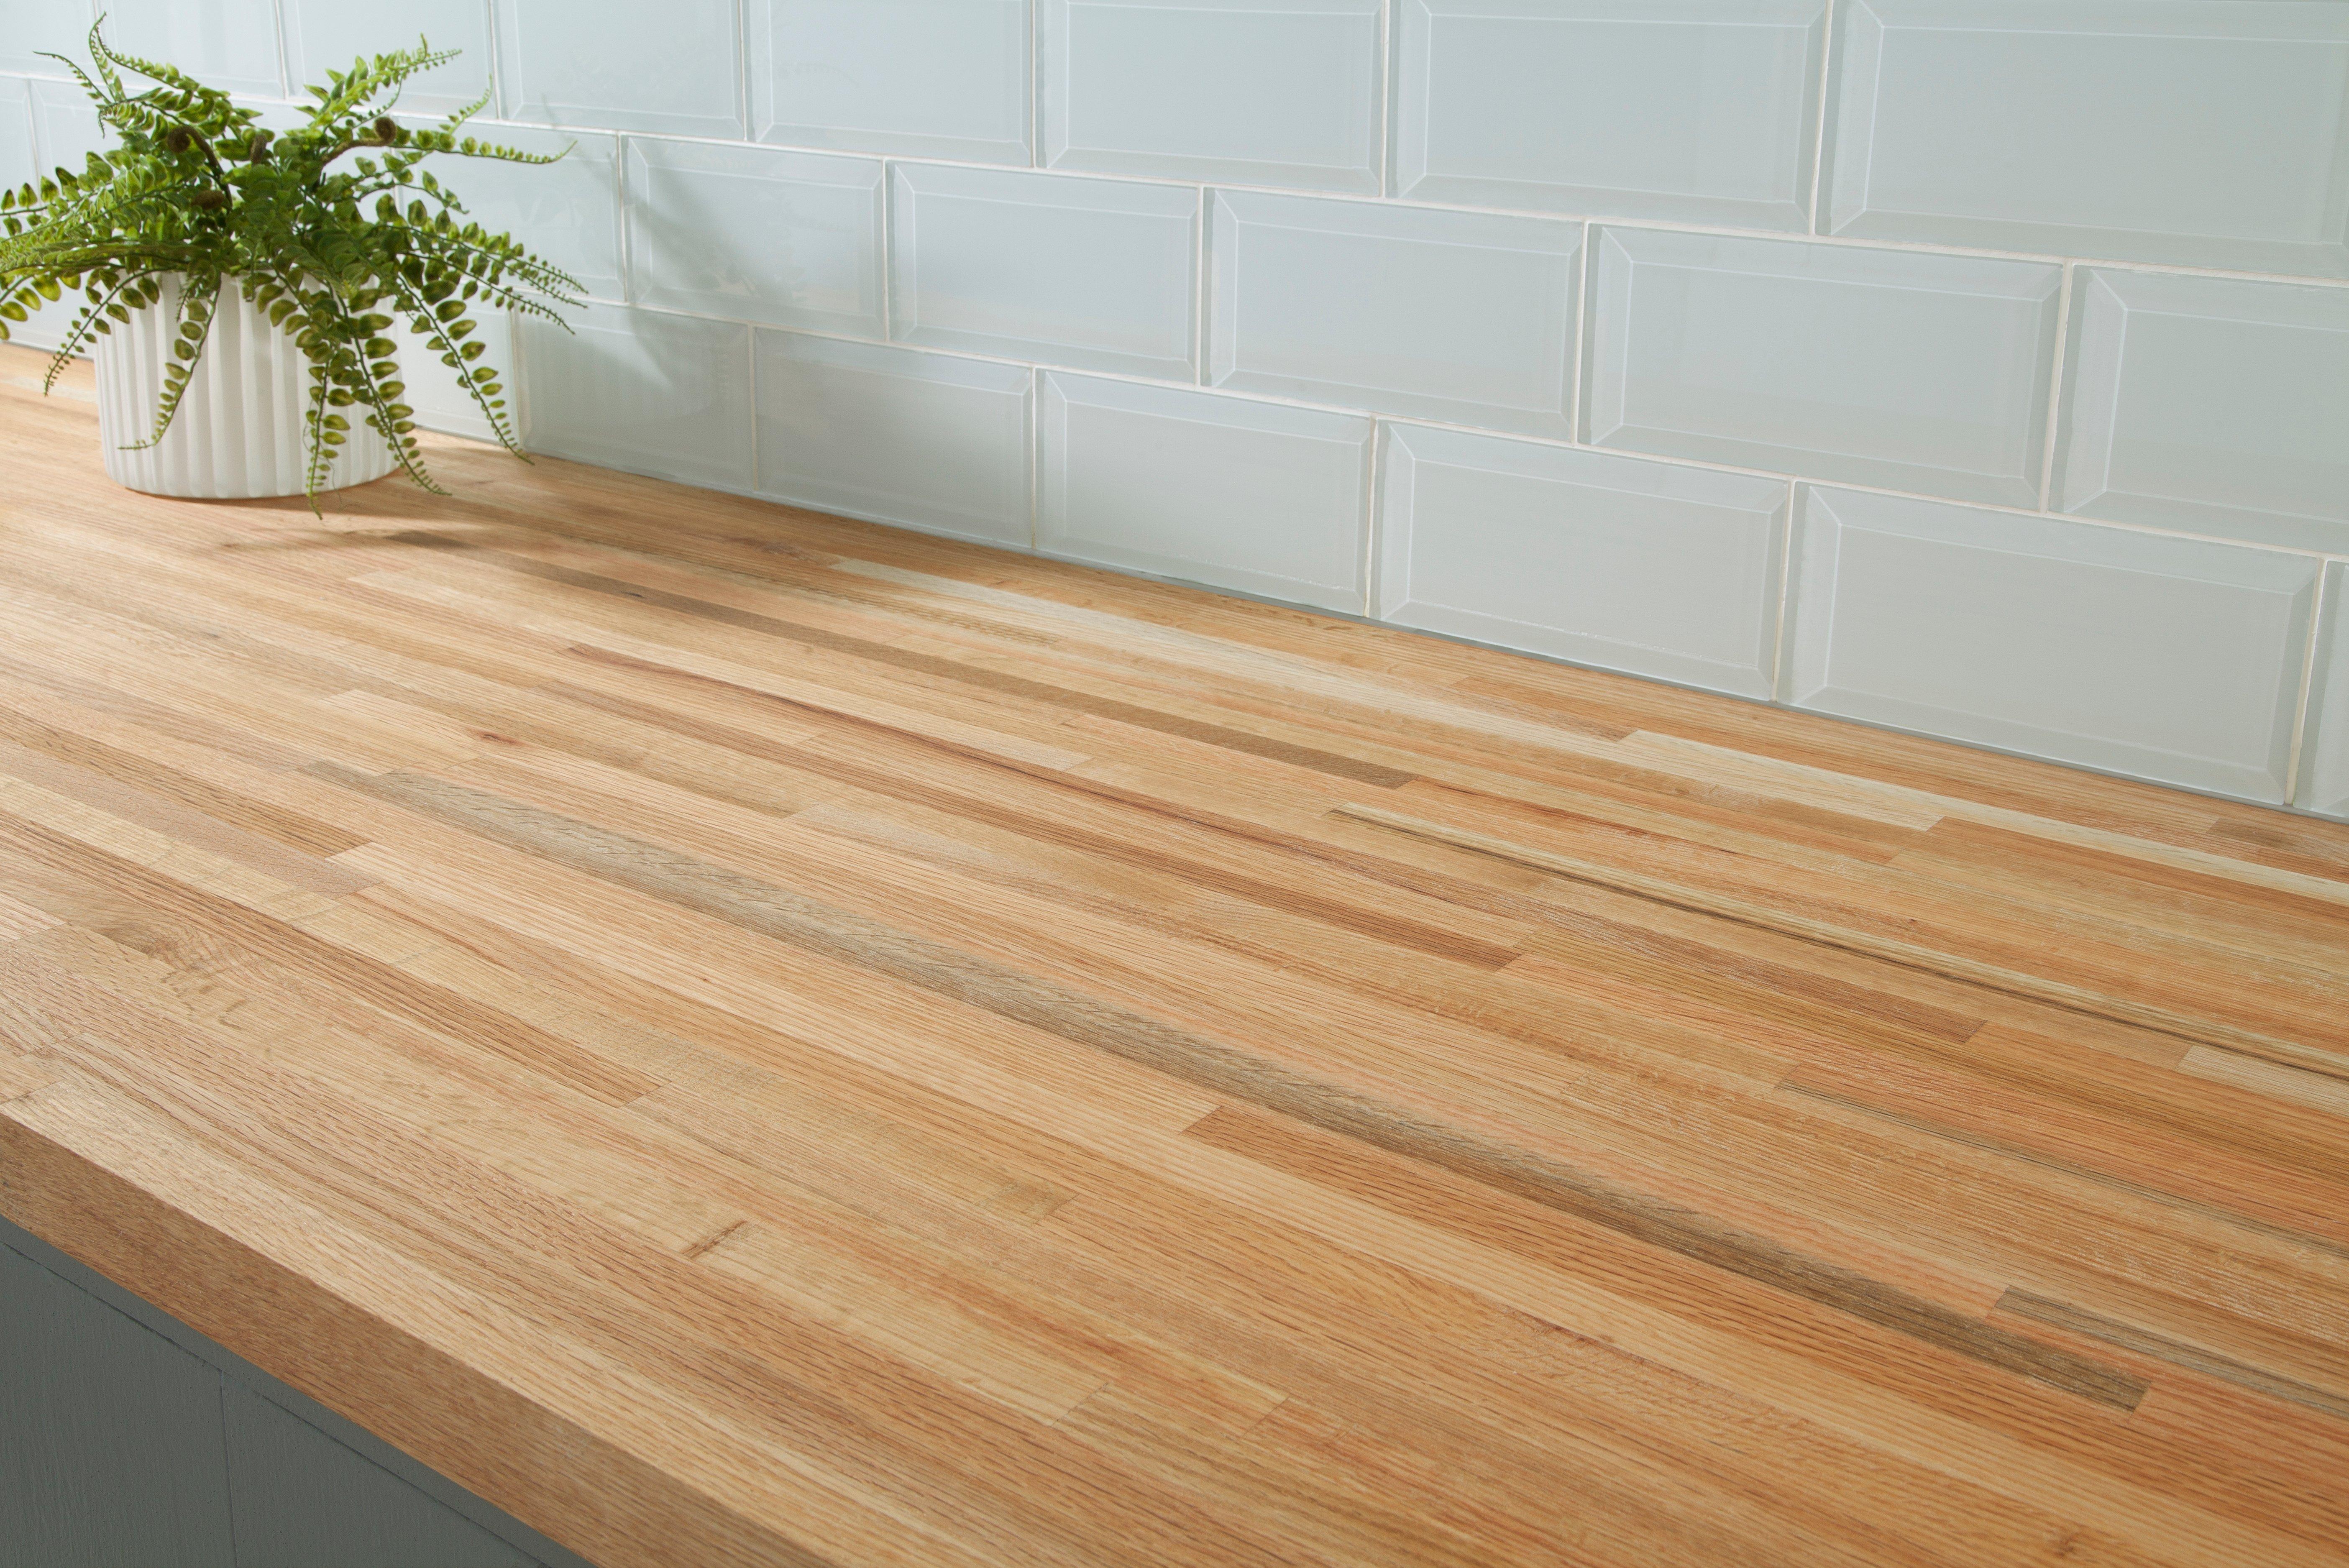 Red Oak Butcher Block Countertop 12ft 144in X 25in 100065085 Floor And Decor